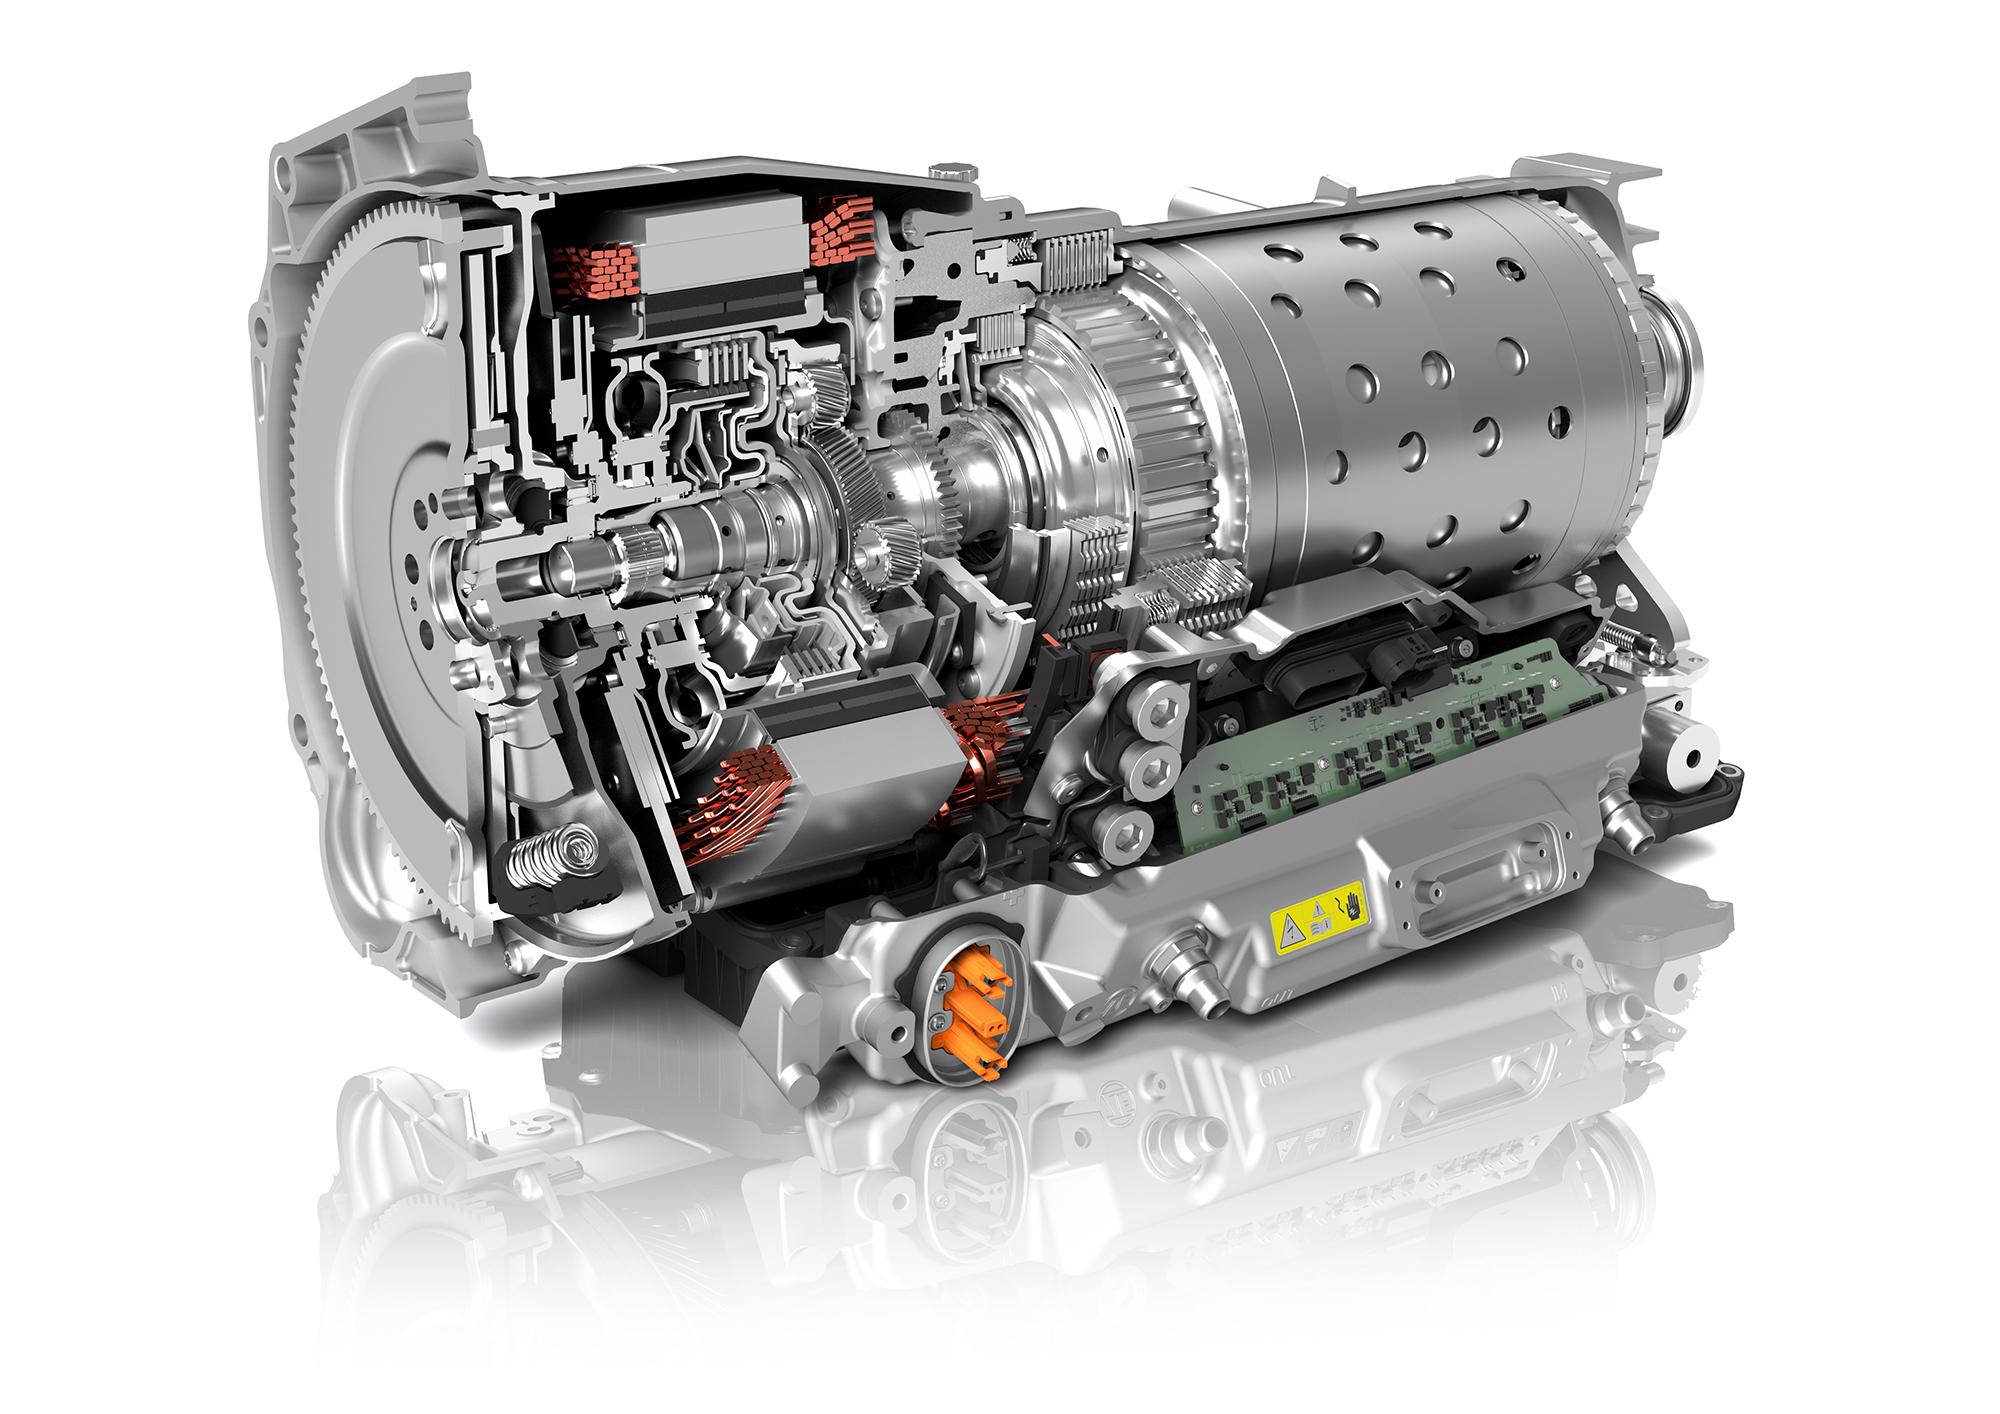 Getriebe zählen zu den mechanisch anspruchsvollsten Baugruppen eines Kraftfahrzeugs. Die Getriebelösungen von ZF werden allerdings auch in Industrieanlagen wie Tunnelbohrmaschinen eingesetzt. (Bild: ZF Friedrichshafen AG)